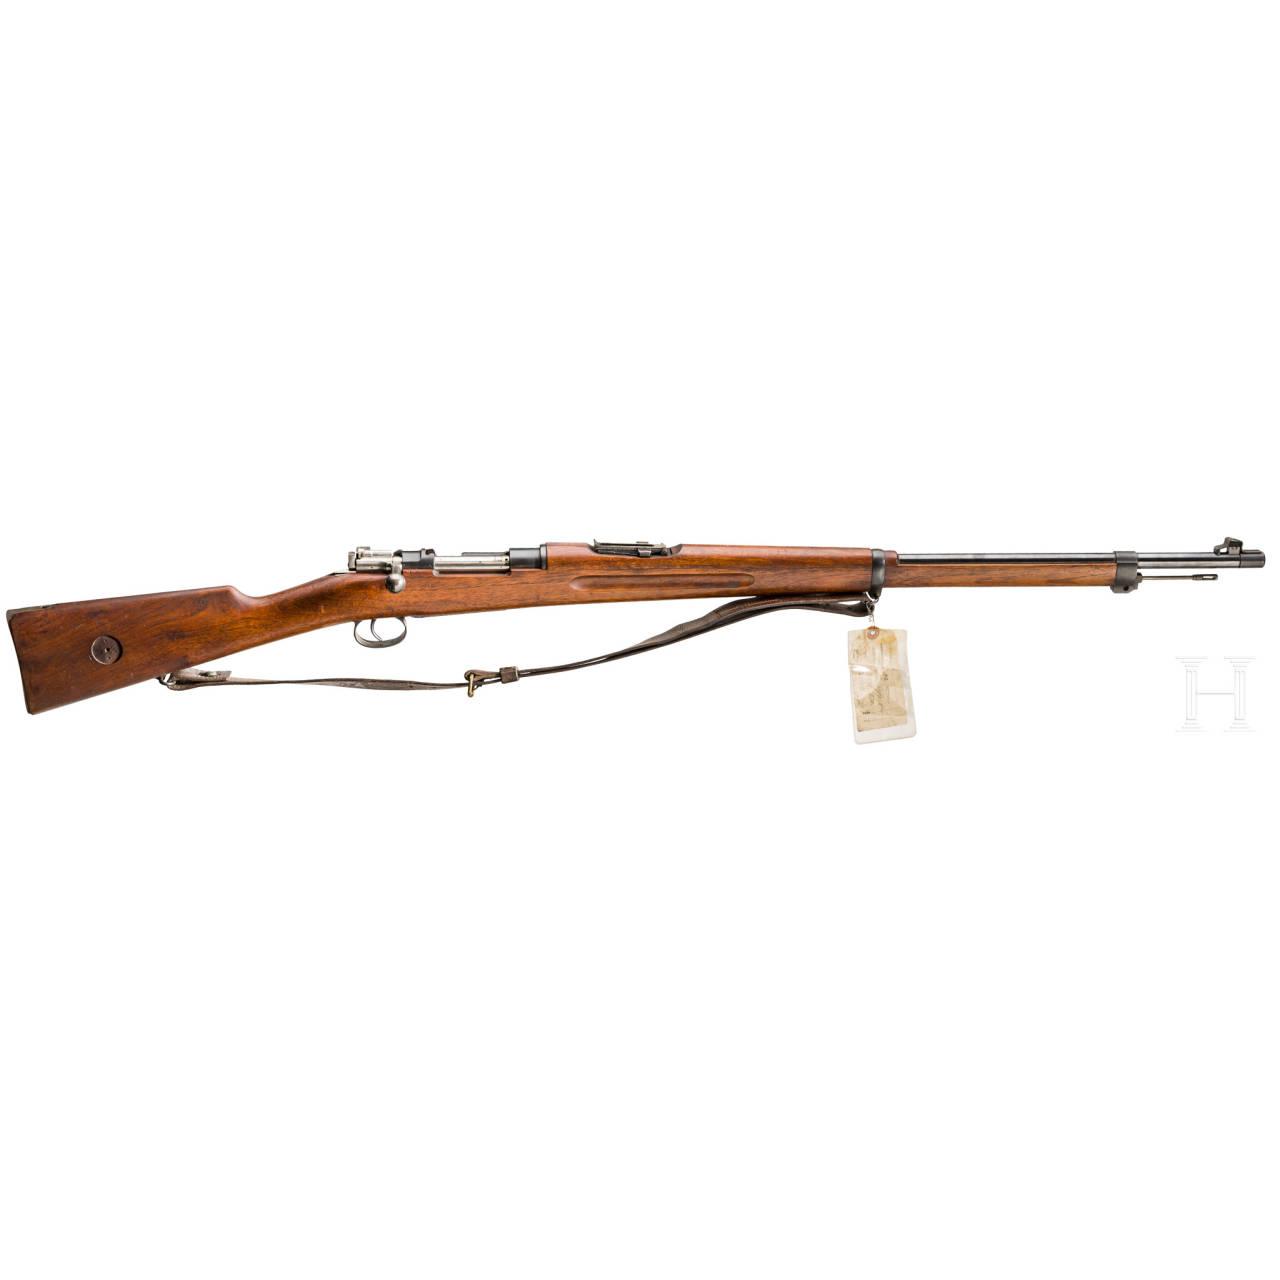 Gewehr M 1896, Carl Gustaf, Versuch oder Vorlage